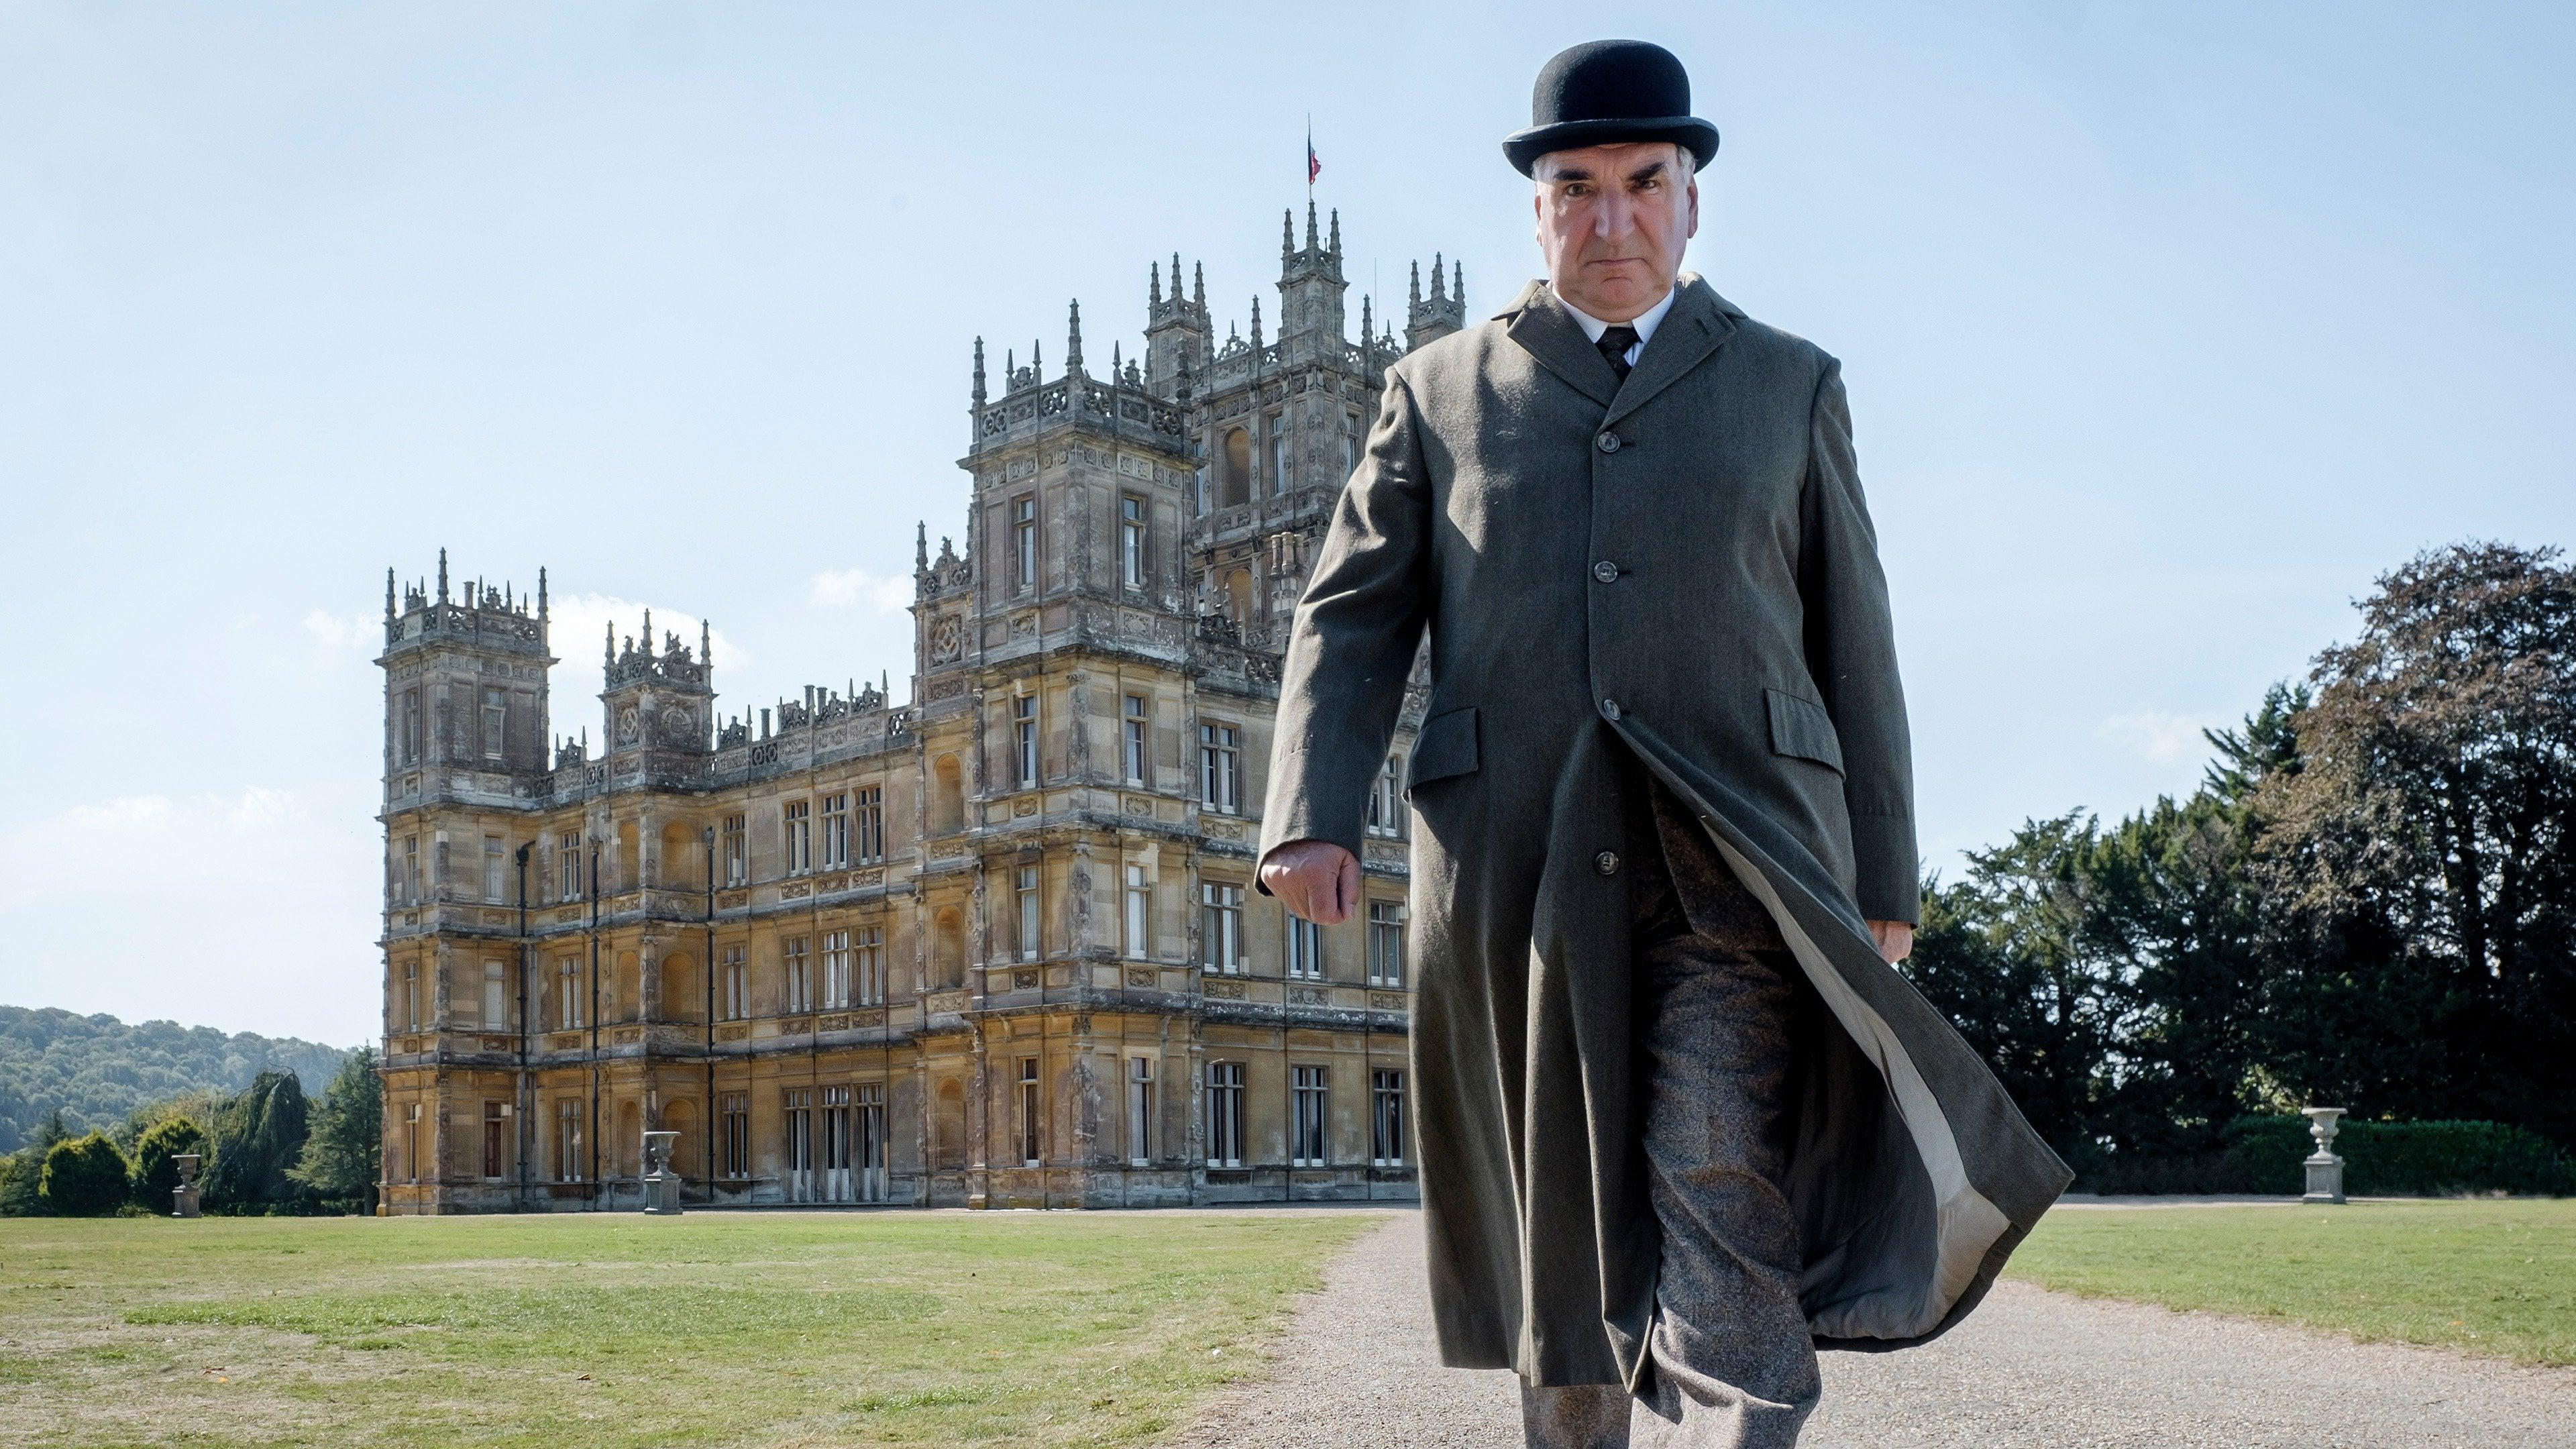 Downton Abbey backdrop